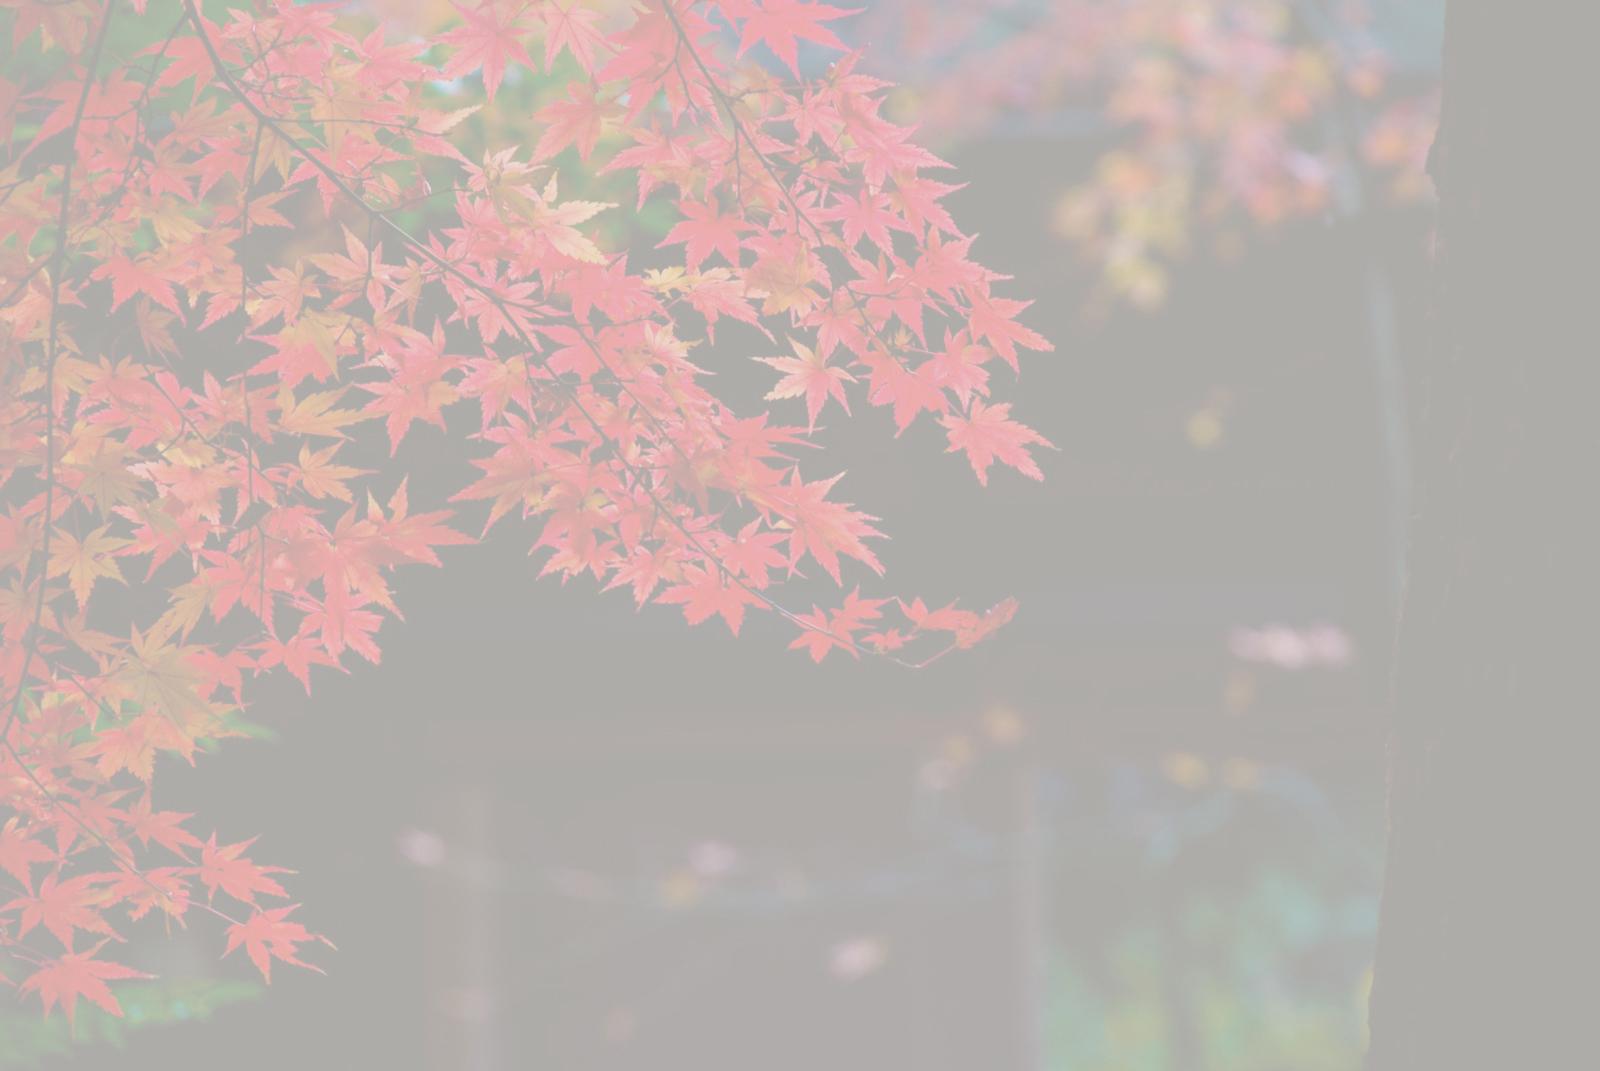 御栗菓子【松月堂】 | 御栗菓子